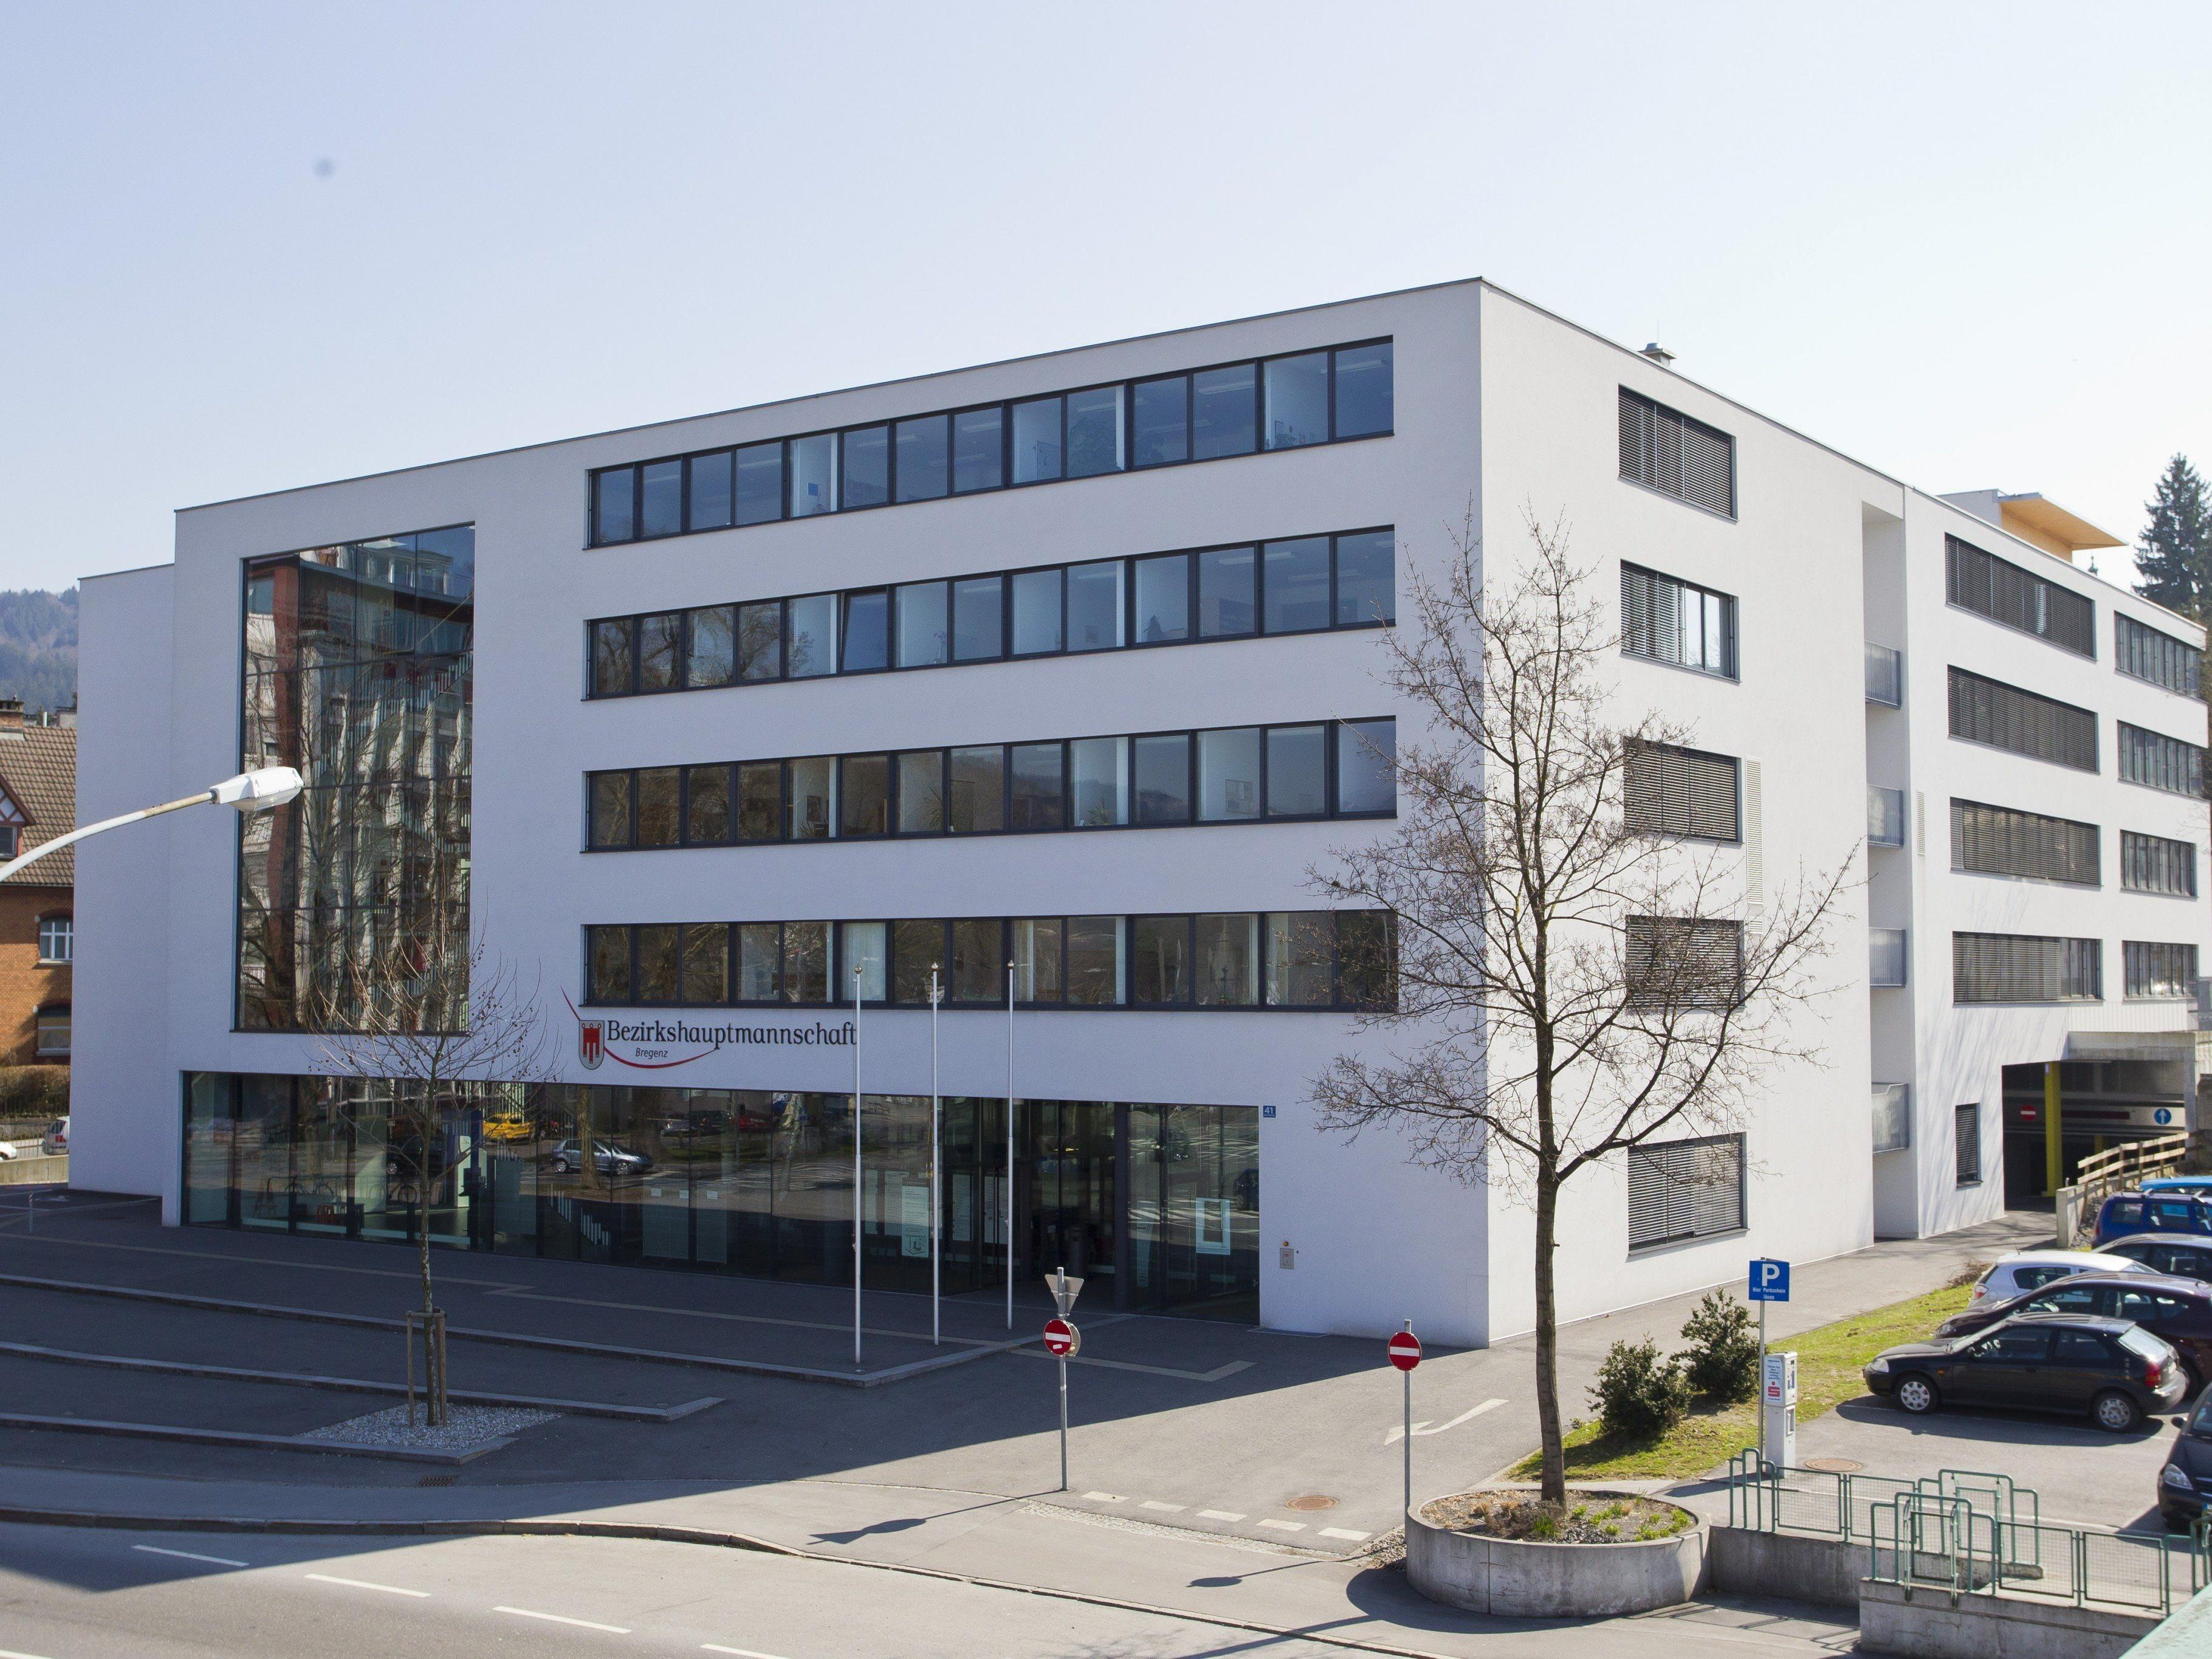 Bezirkshauptmannschaft Bregenz: Am Freitag, 10. Oktober 2014, ganztägig kein Parteienverkehr.